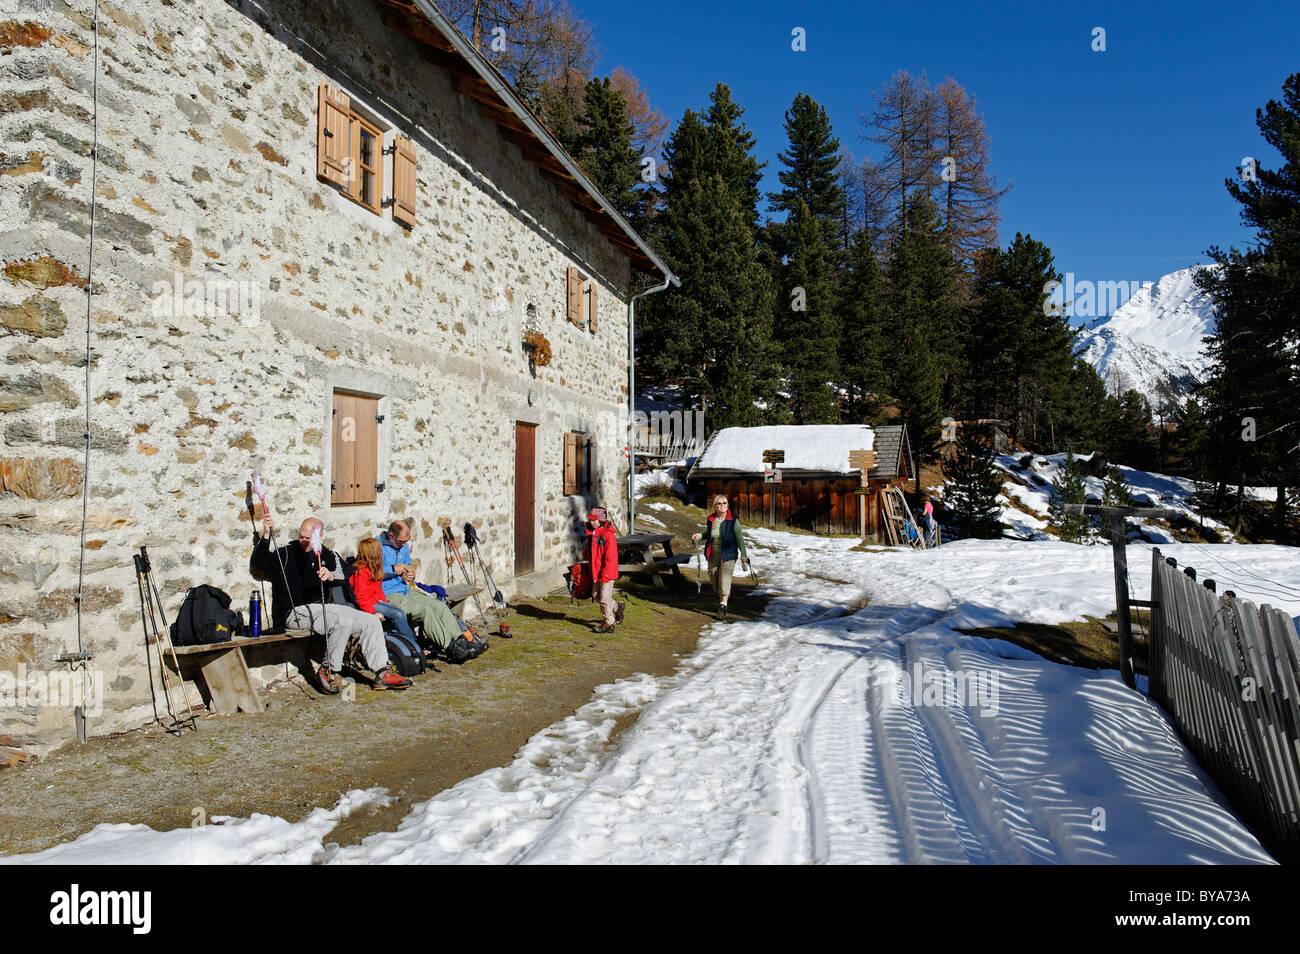 Lyvialm alp, le parc national de Stelvio, Val Martello, Vinschgau, dans le Tyrol du Sud, Italie, Europe Banque D'Images